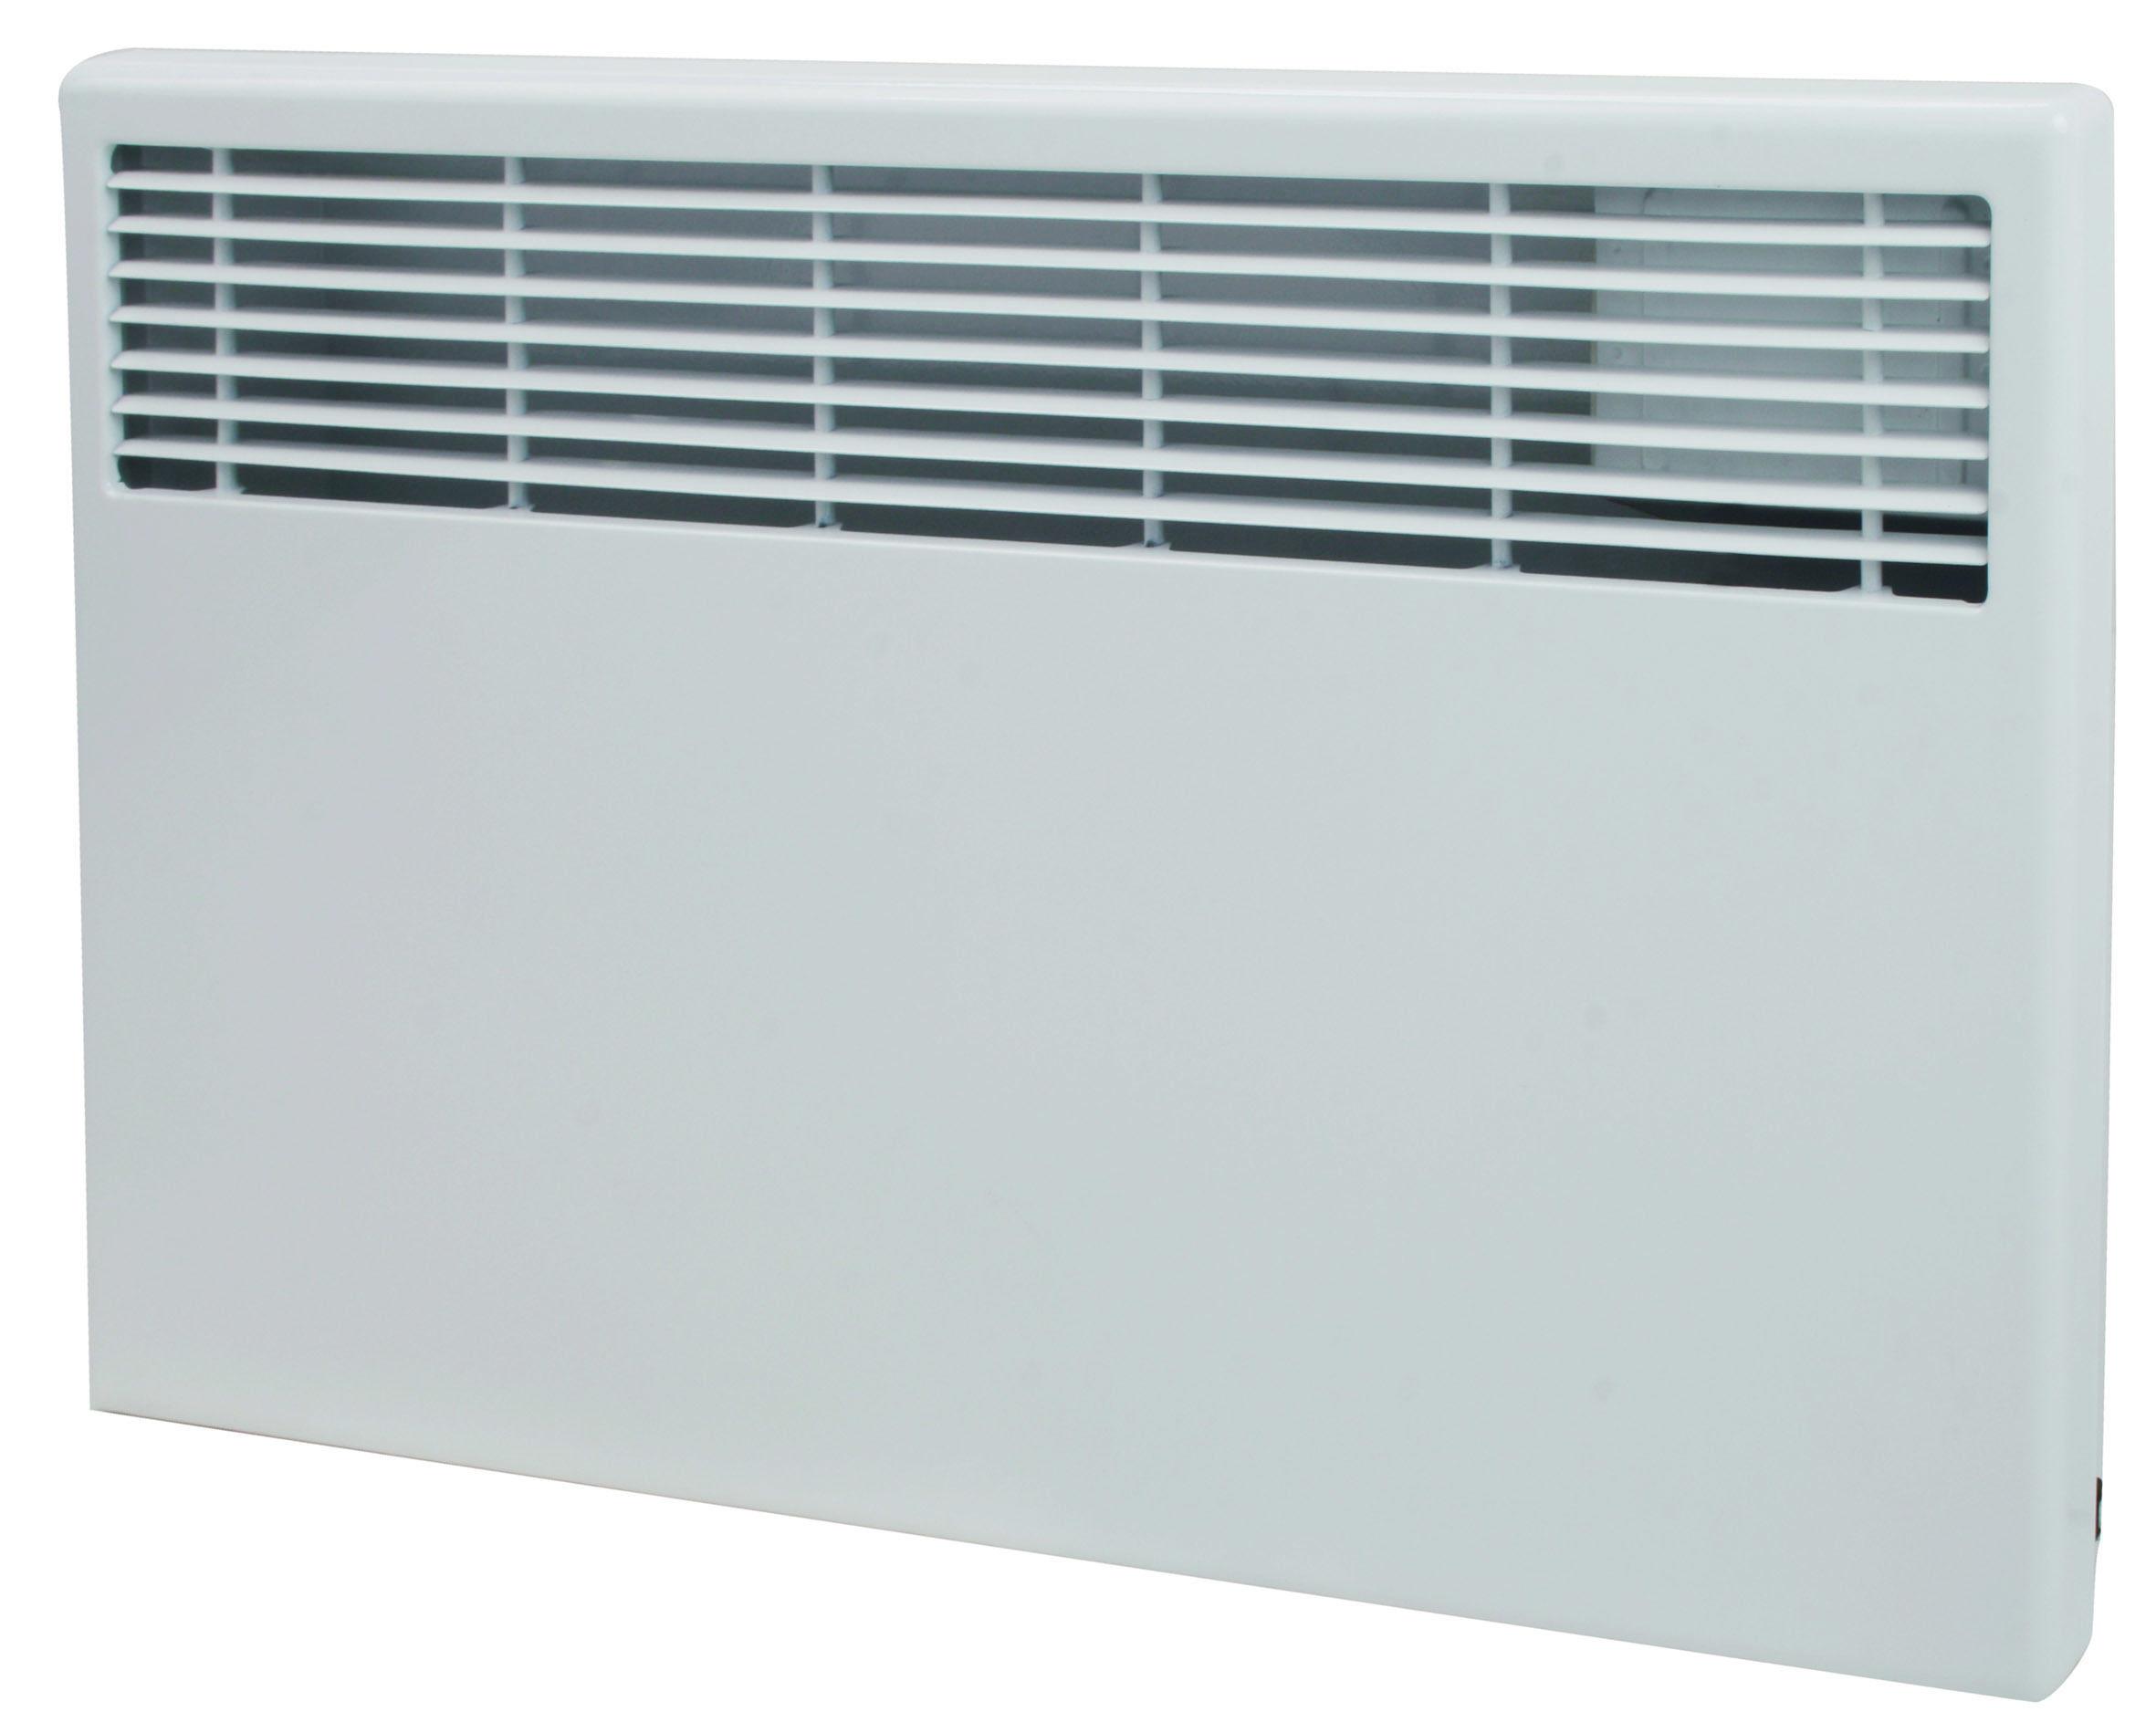 Convecteur mural 2000 W - HC09C20M